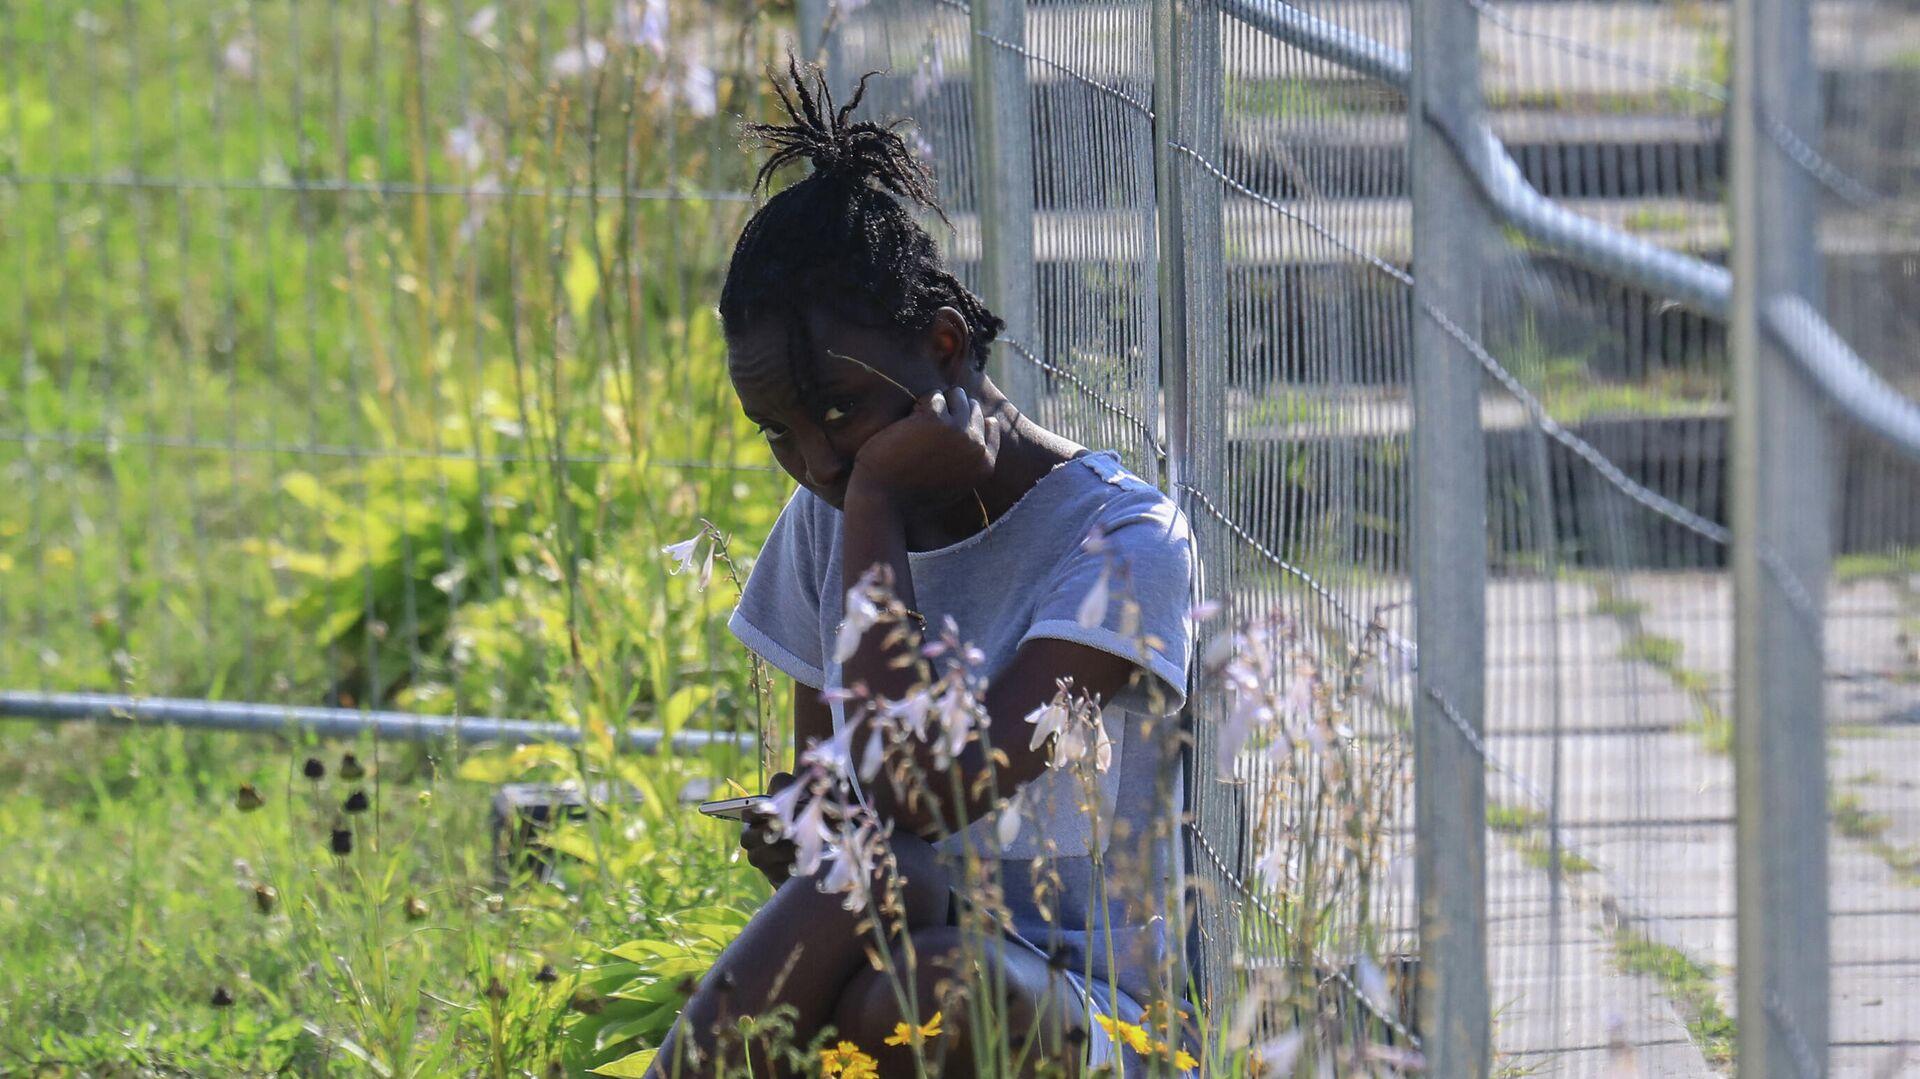 Девочка-мигрант на территории бывшей школы, превращенной в приют для беженцев, в деревне Виденяй, Литва  - Sputnik Беларусь, 1920, 05.10.2021